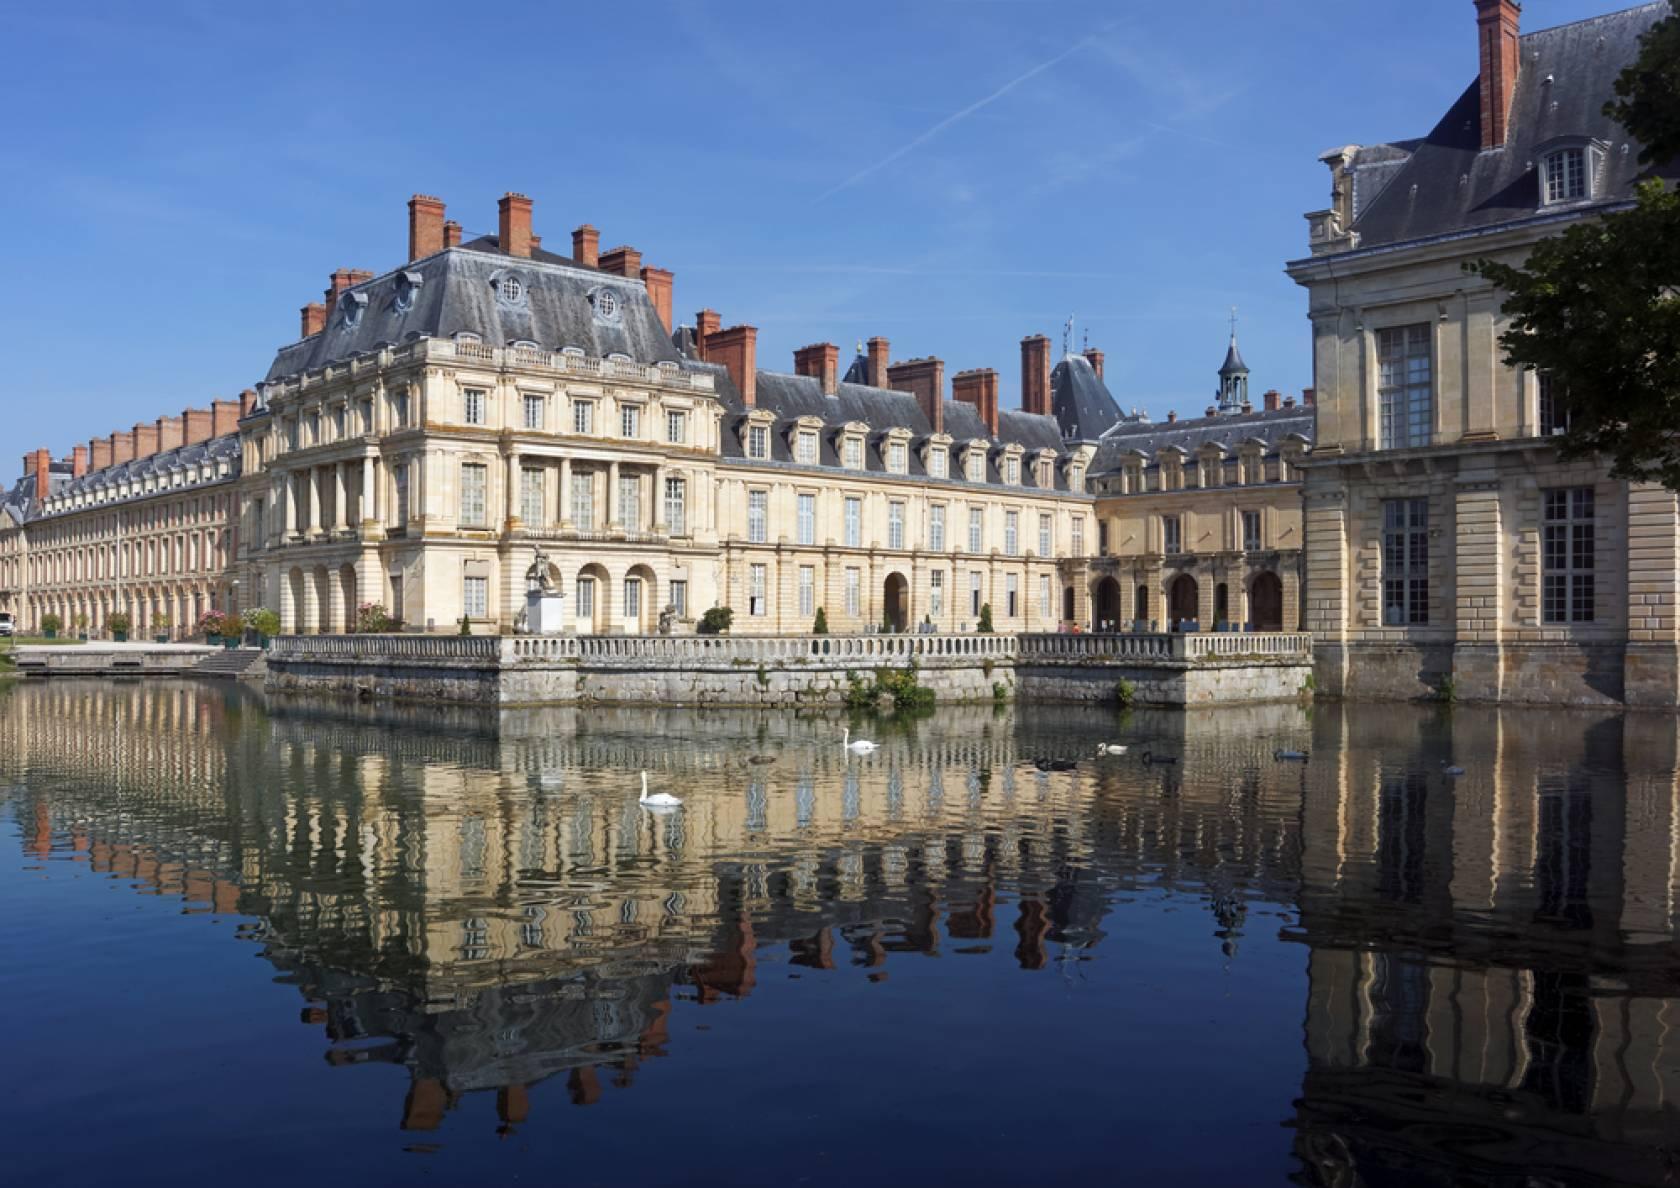 フォンテーヌブロー宮殿の画像 p1_34